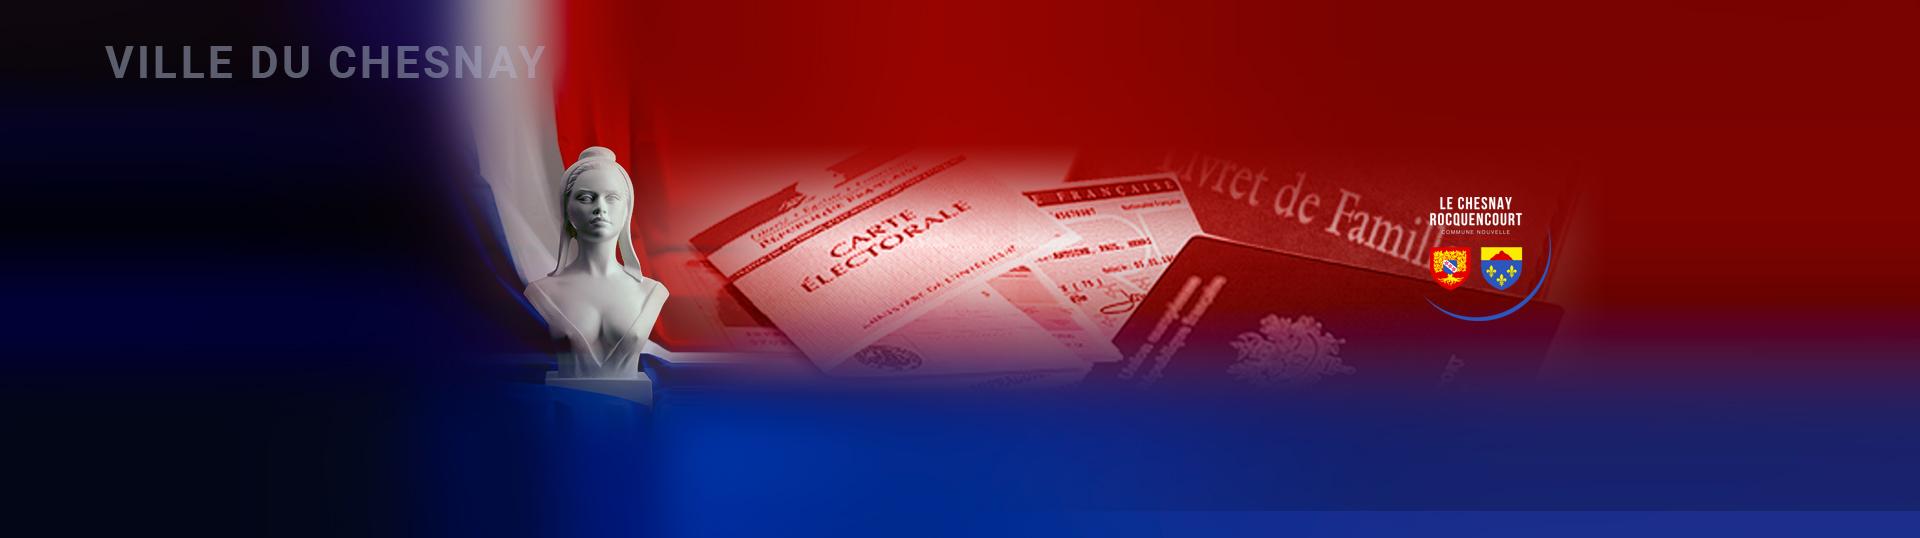 Etat civil | CNI | Passeport | Elections | Affaires générales